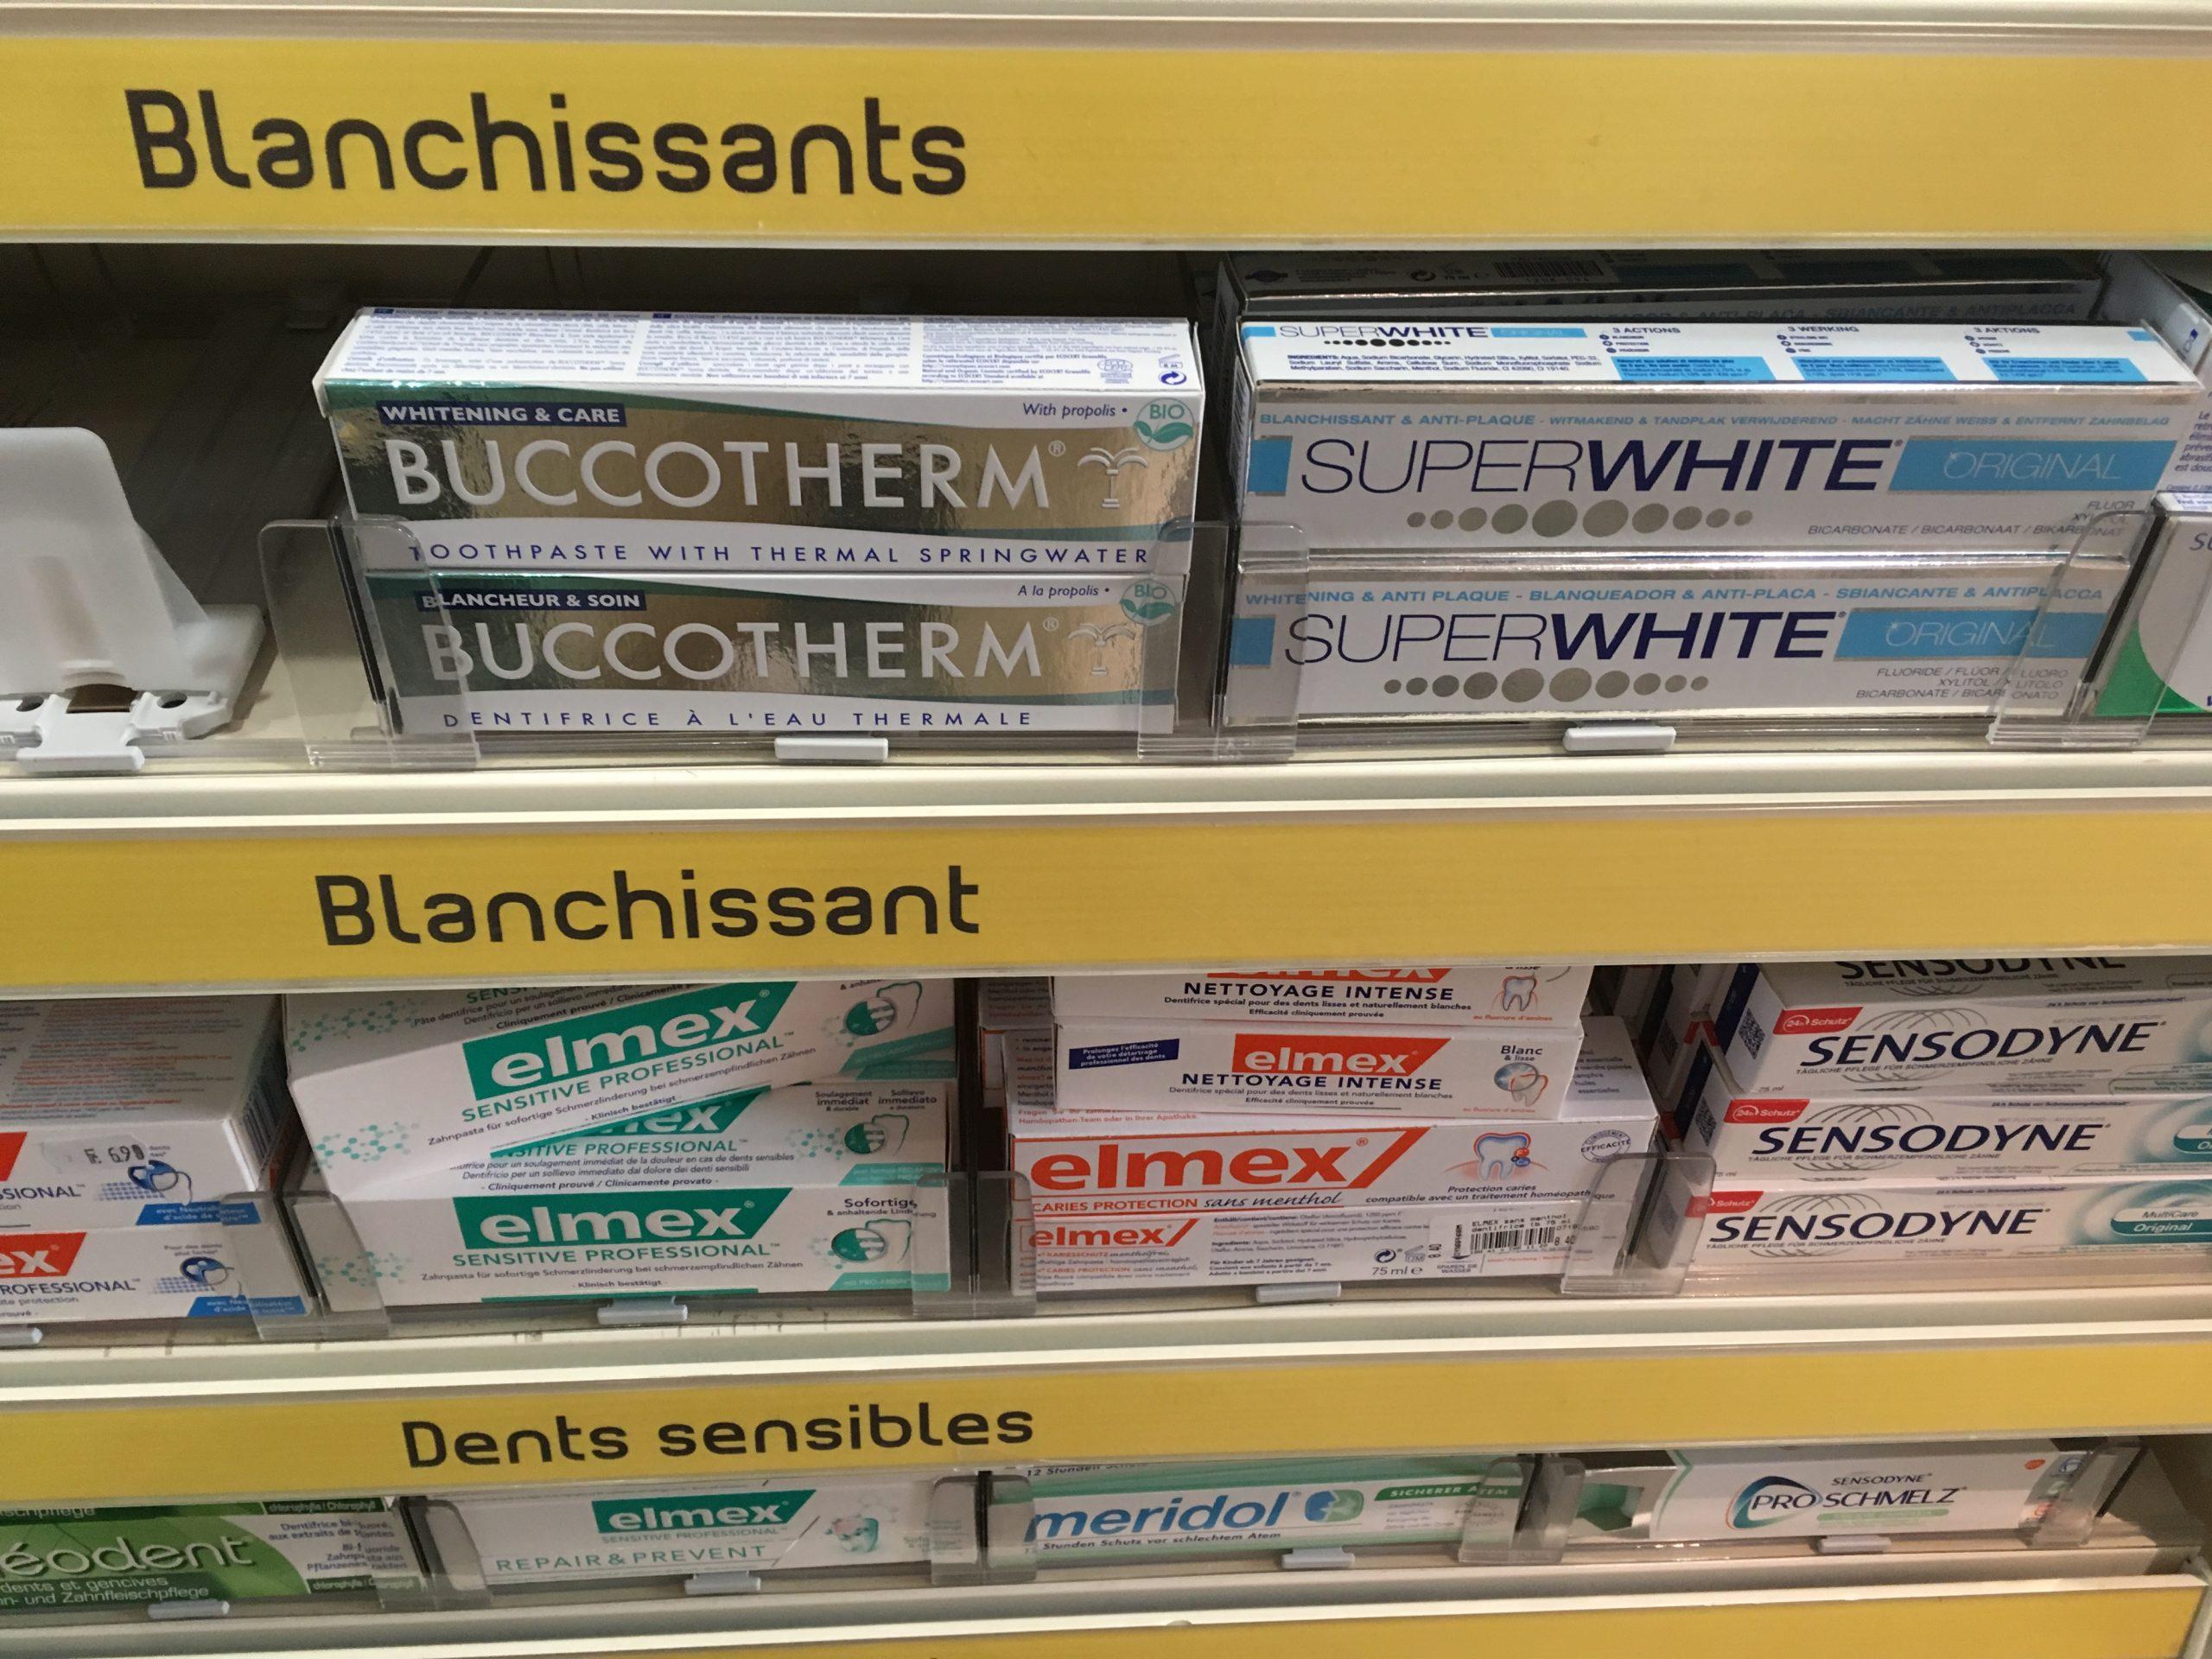 ¡BUCCOTHERM® destacado en una farmacia!